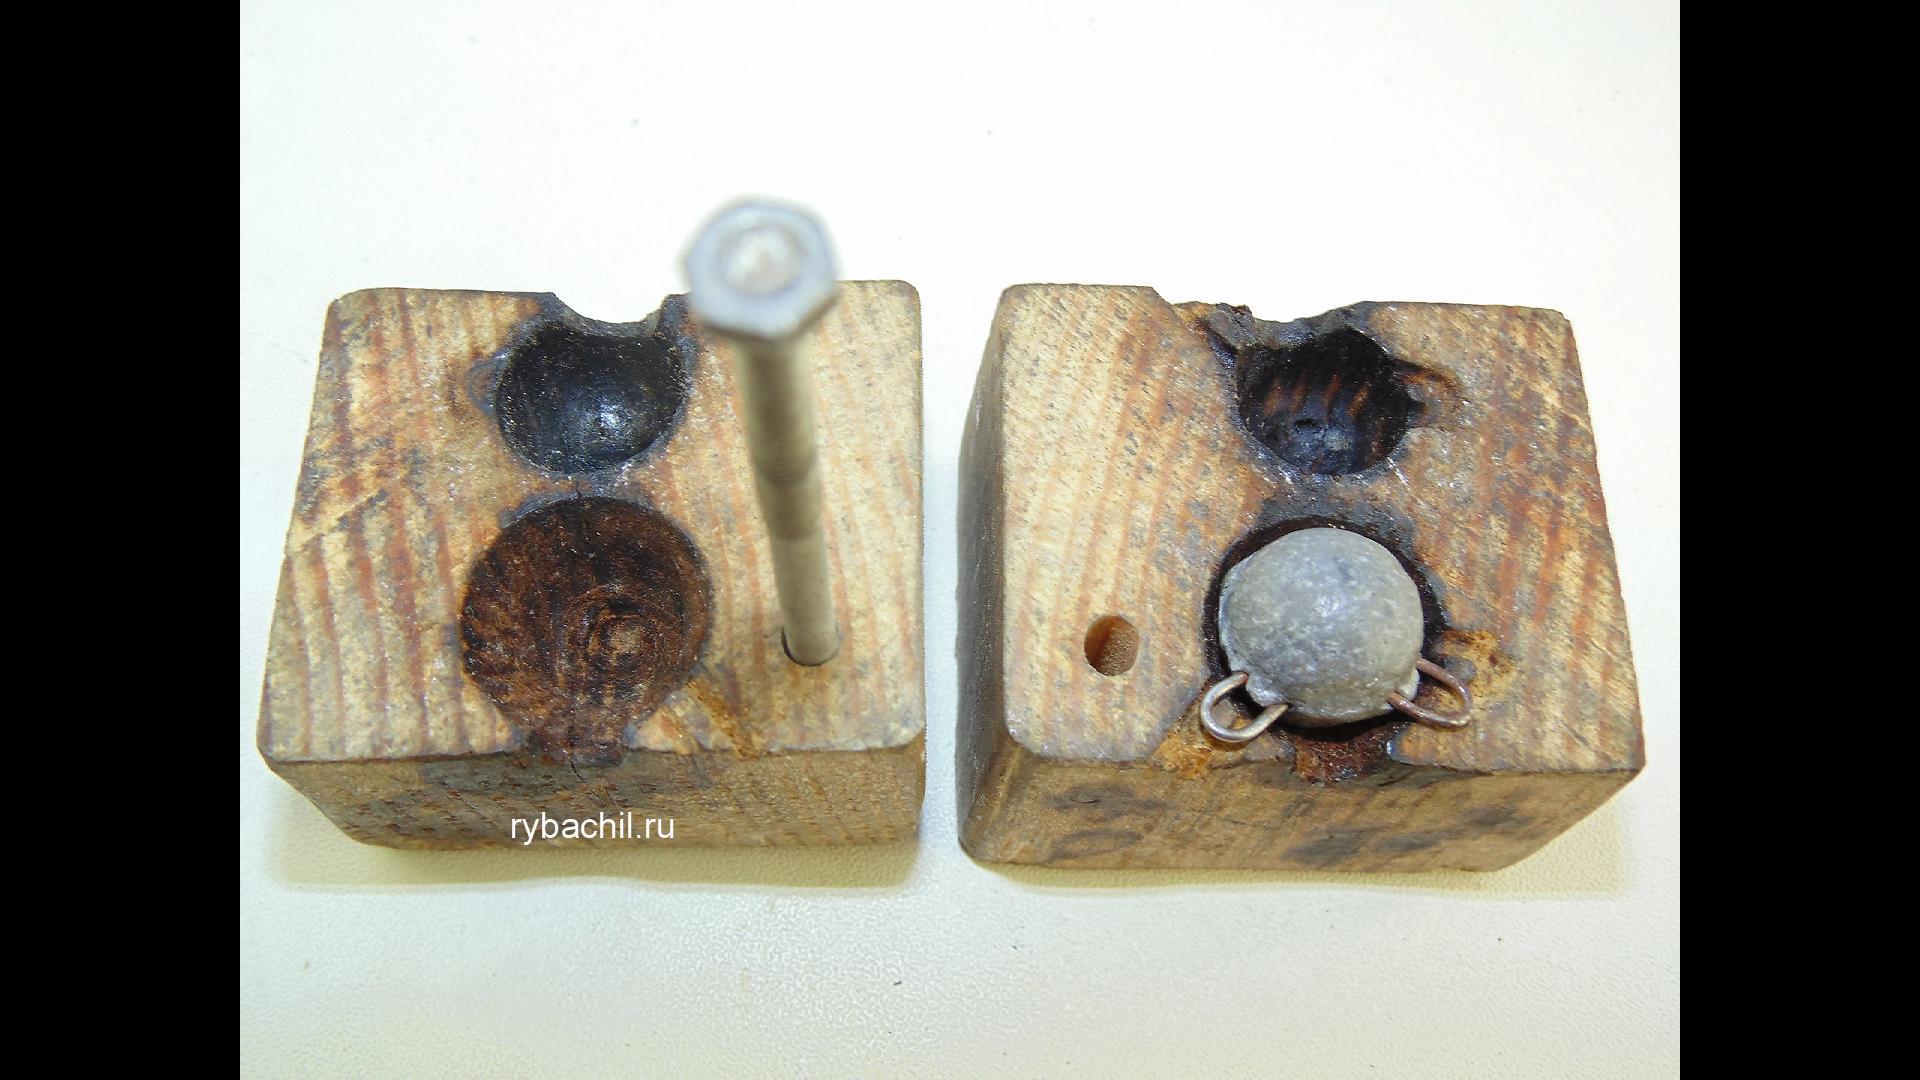 Как сделать форму для отливки грузил из свинца